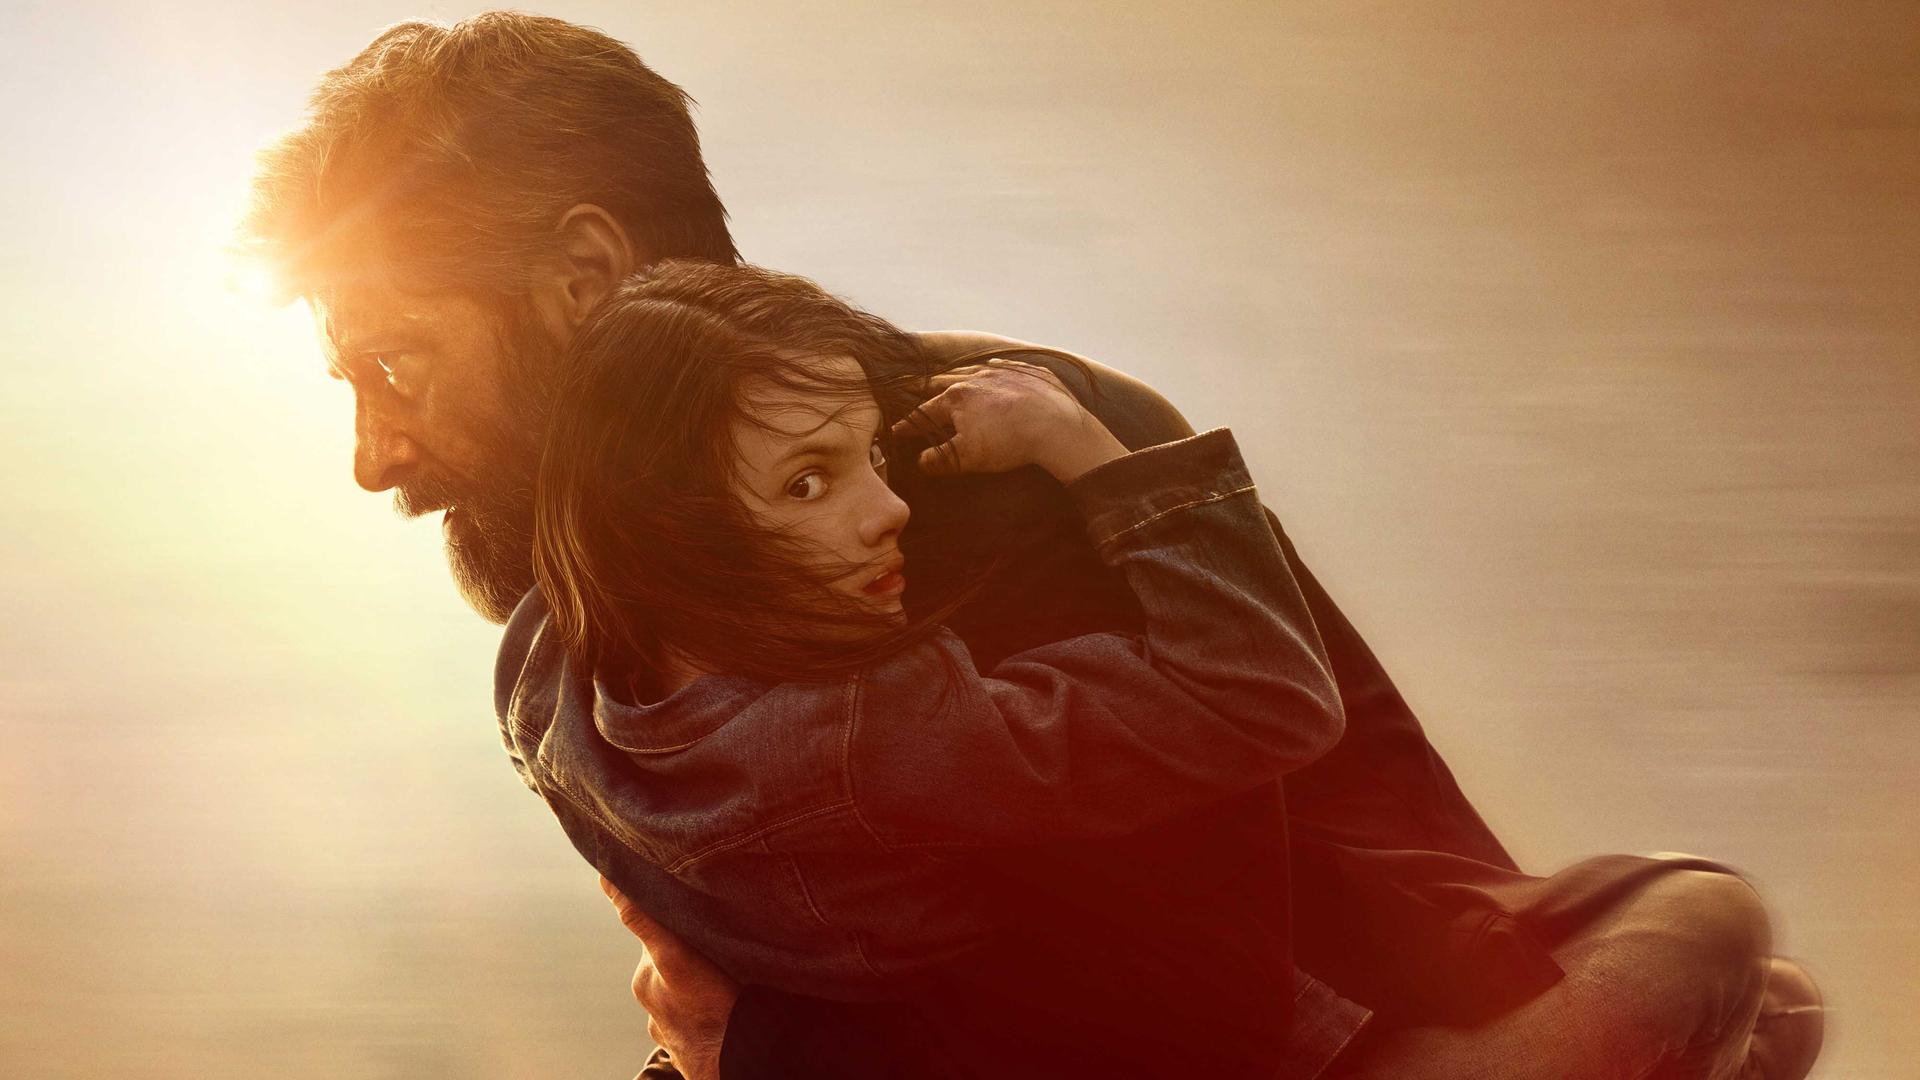 bestwap movies 2017 1080 hd | giftsforsubs